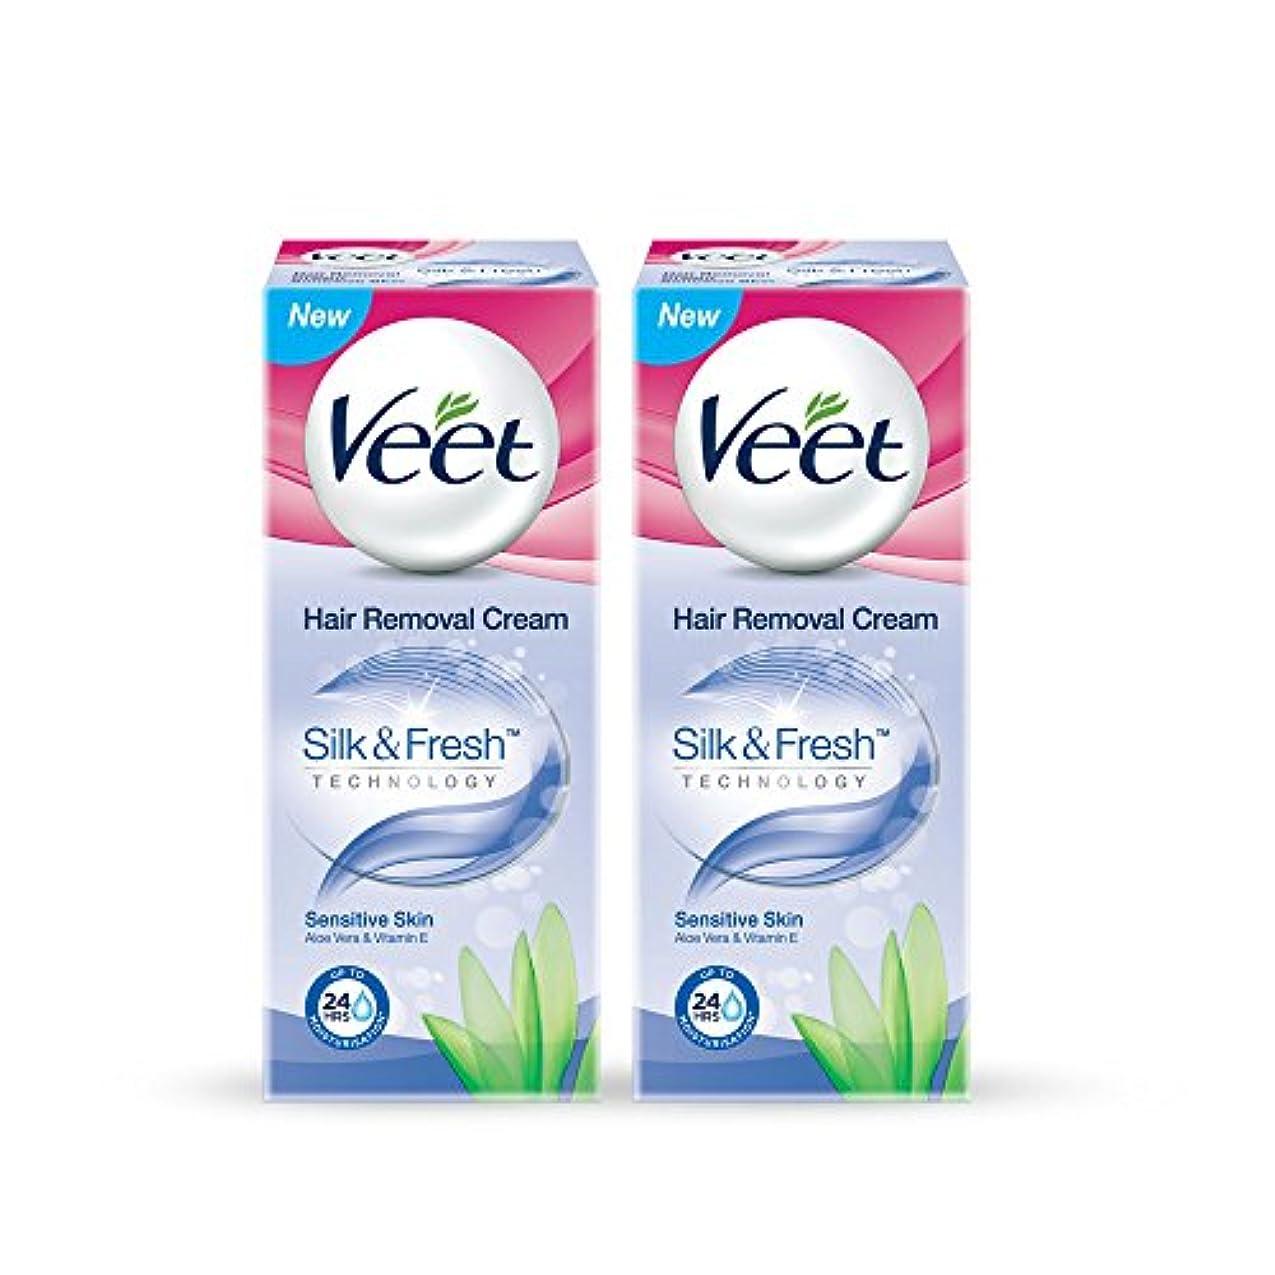 呼び起こすファンタジー取り扱いVeet Hair Removal Gel Cream For Sensitive Skin With Aloe Vera and Vitamin E 25 g (Pack of 2)